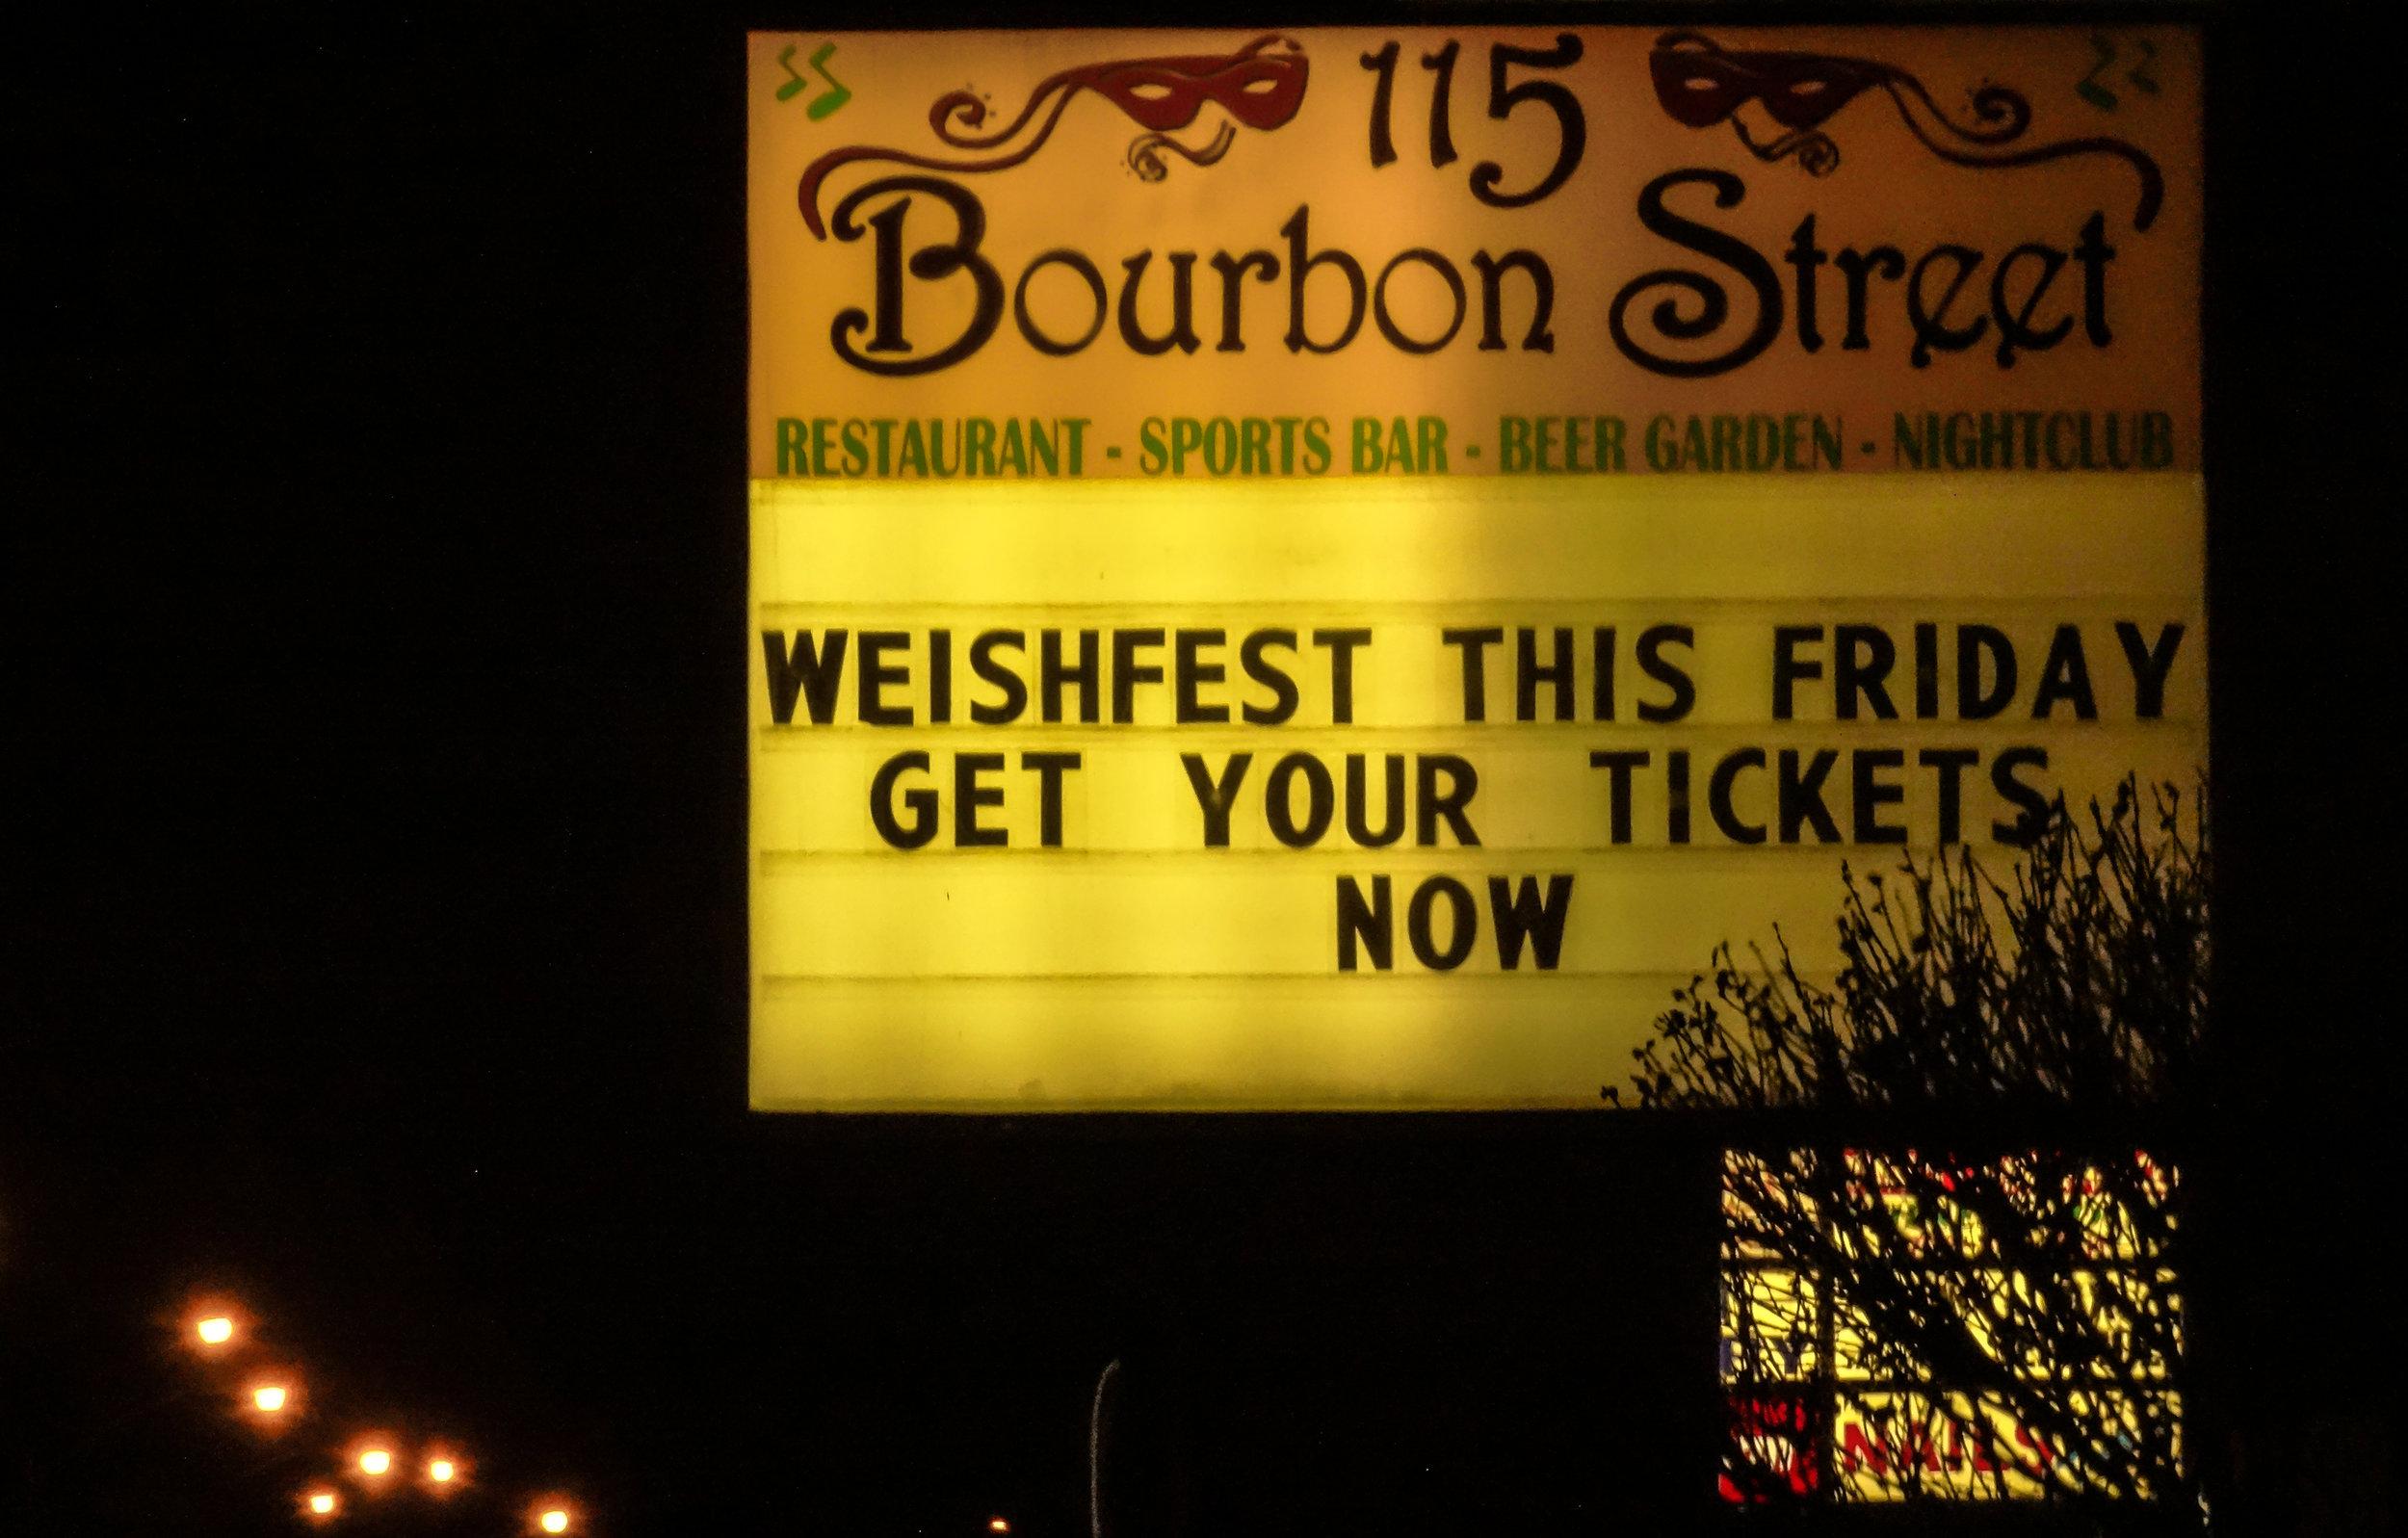 WeishFest 2016 Bourbon Street Sign